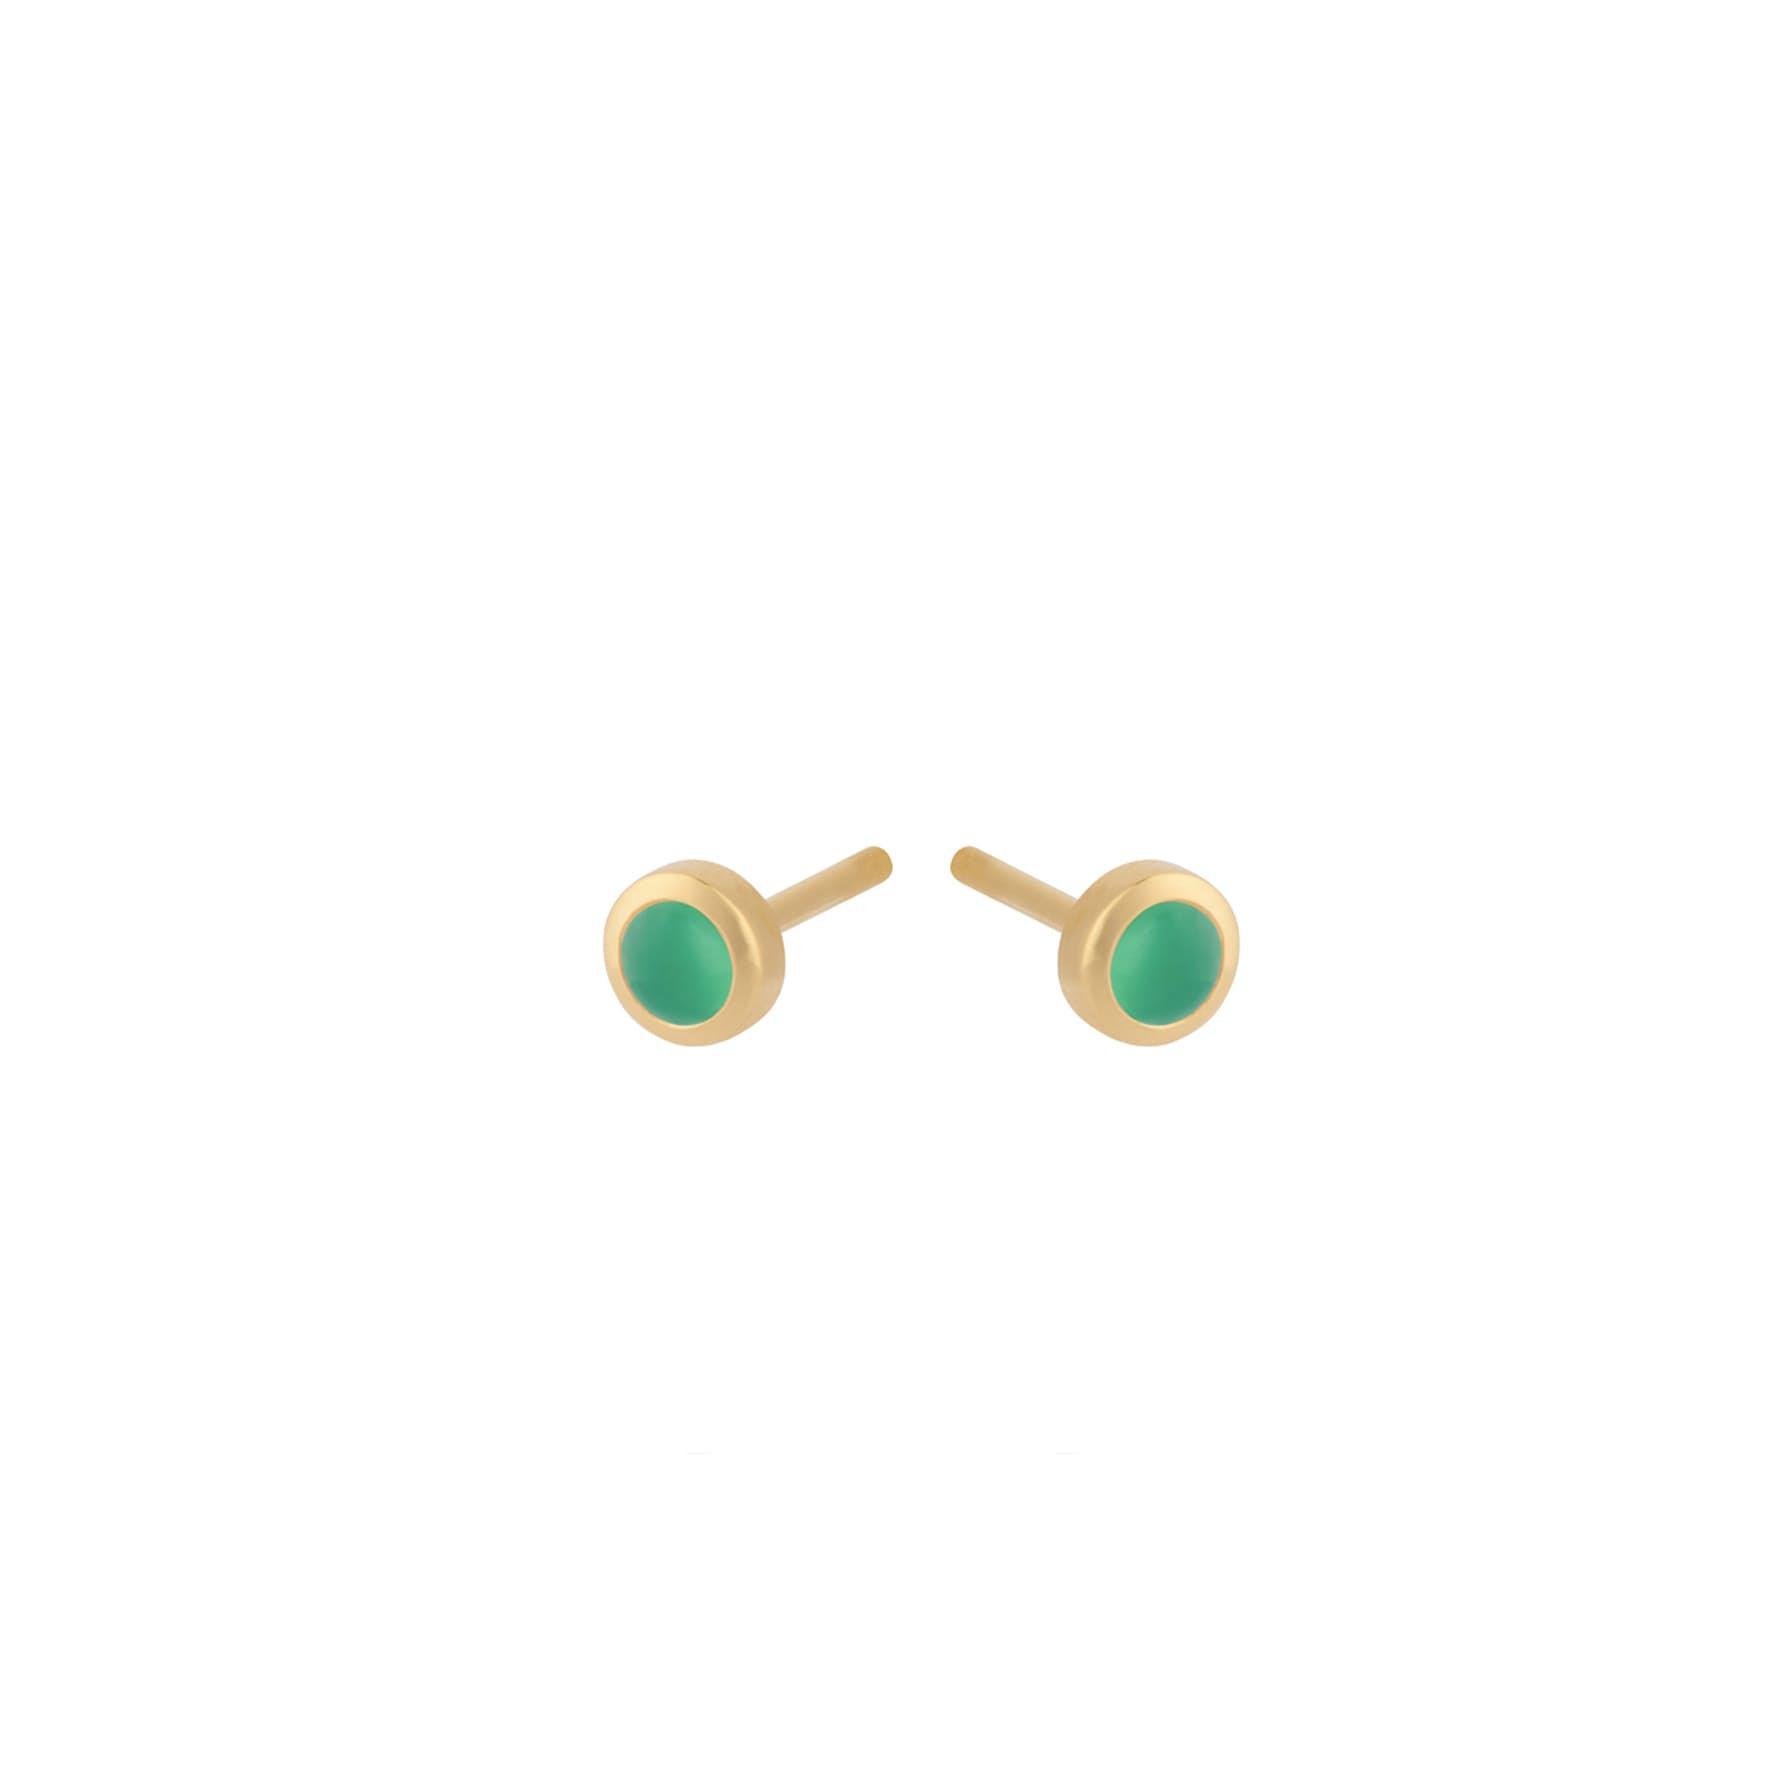 Shine Green Earsticks von Pernille Corydon in Vergoldet-Silber Sterling 925